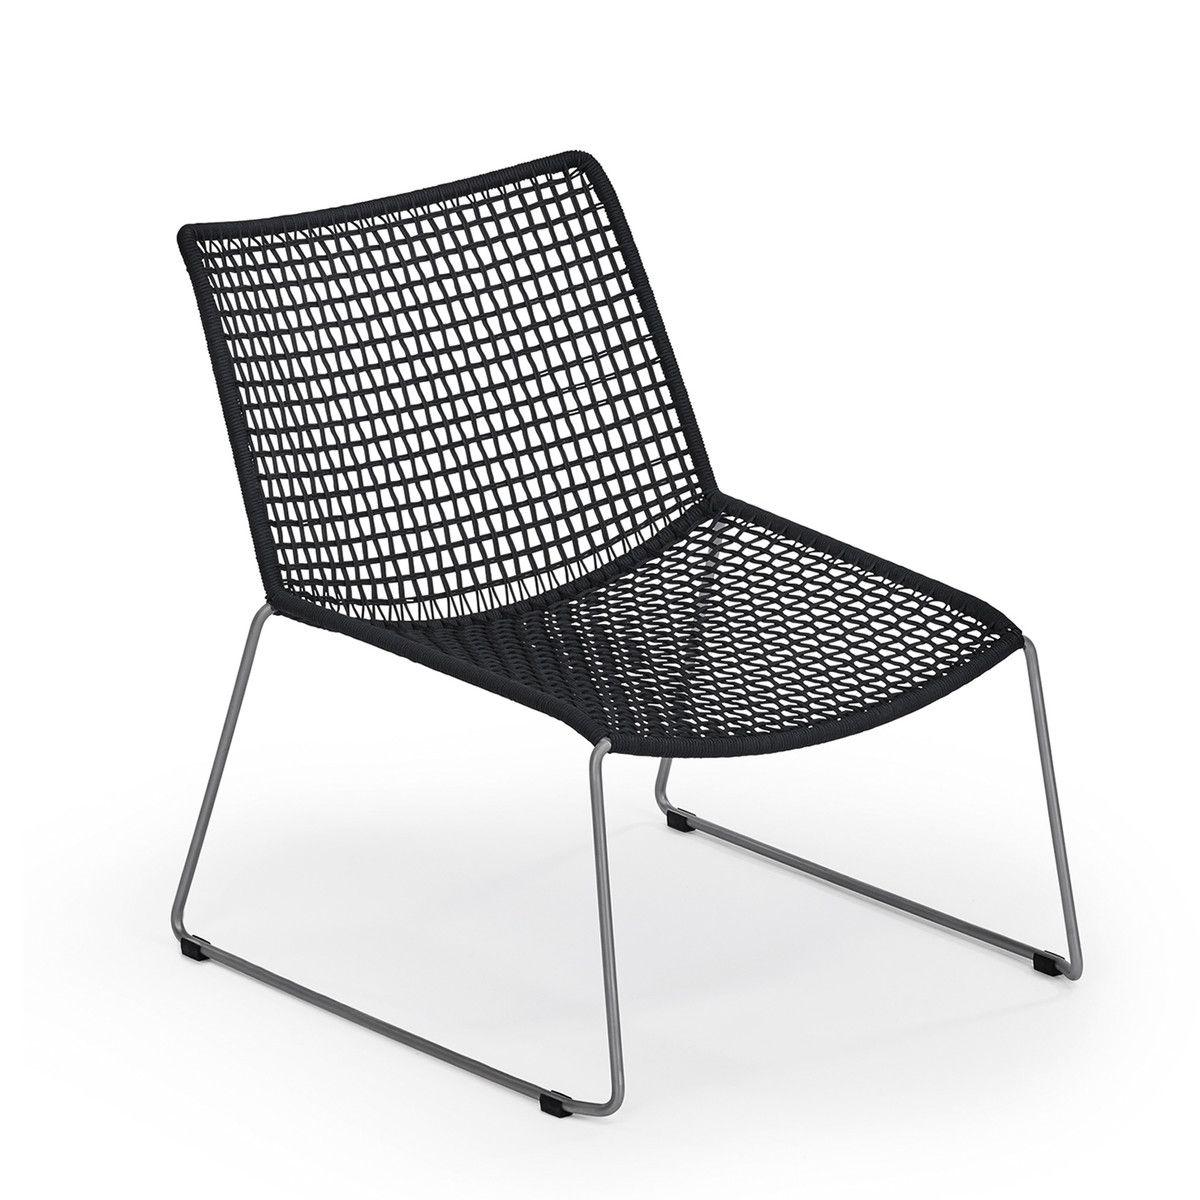 Lounge stuhl garten  Weishäupl - Slope Lounge Sessel, schwarz | Lounge sessel, Sessel ...